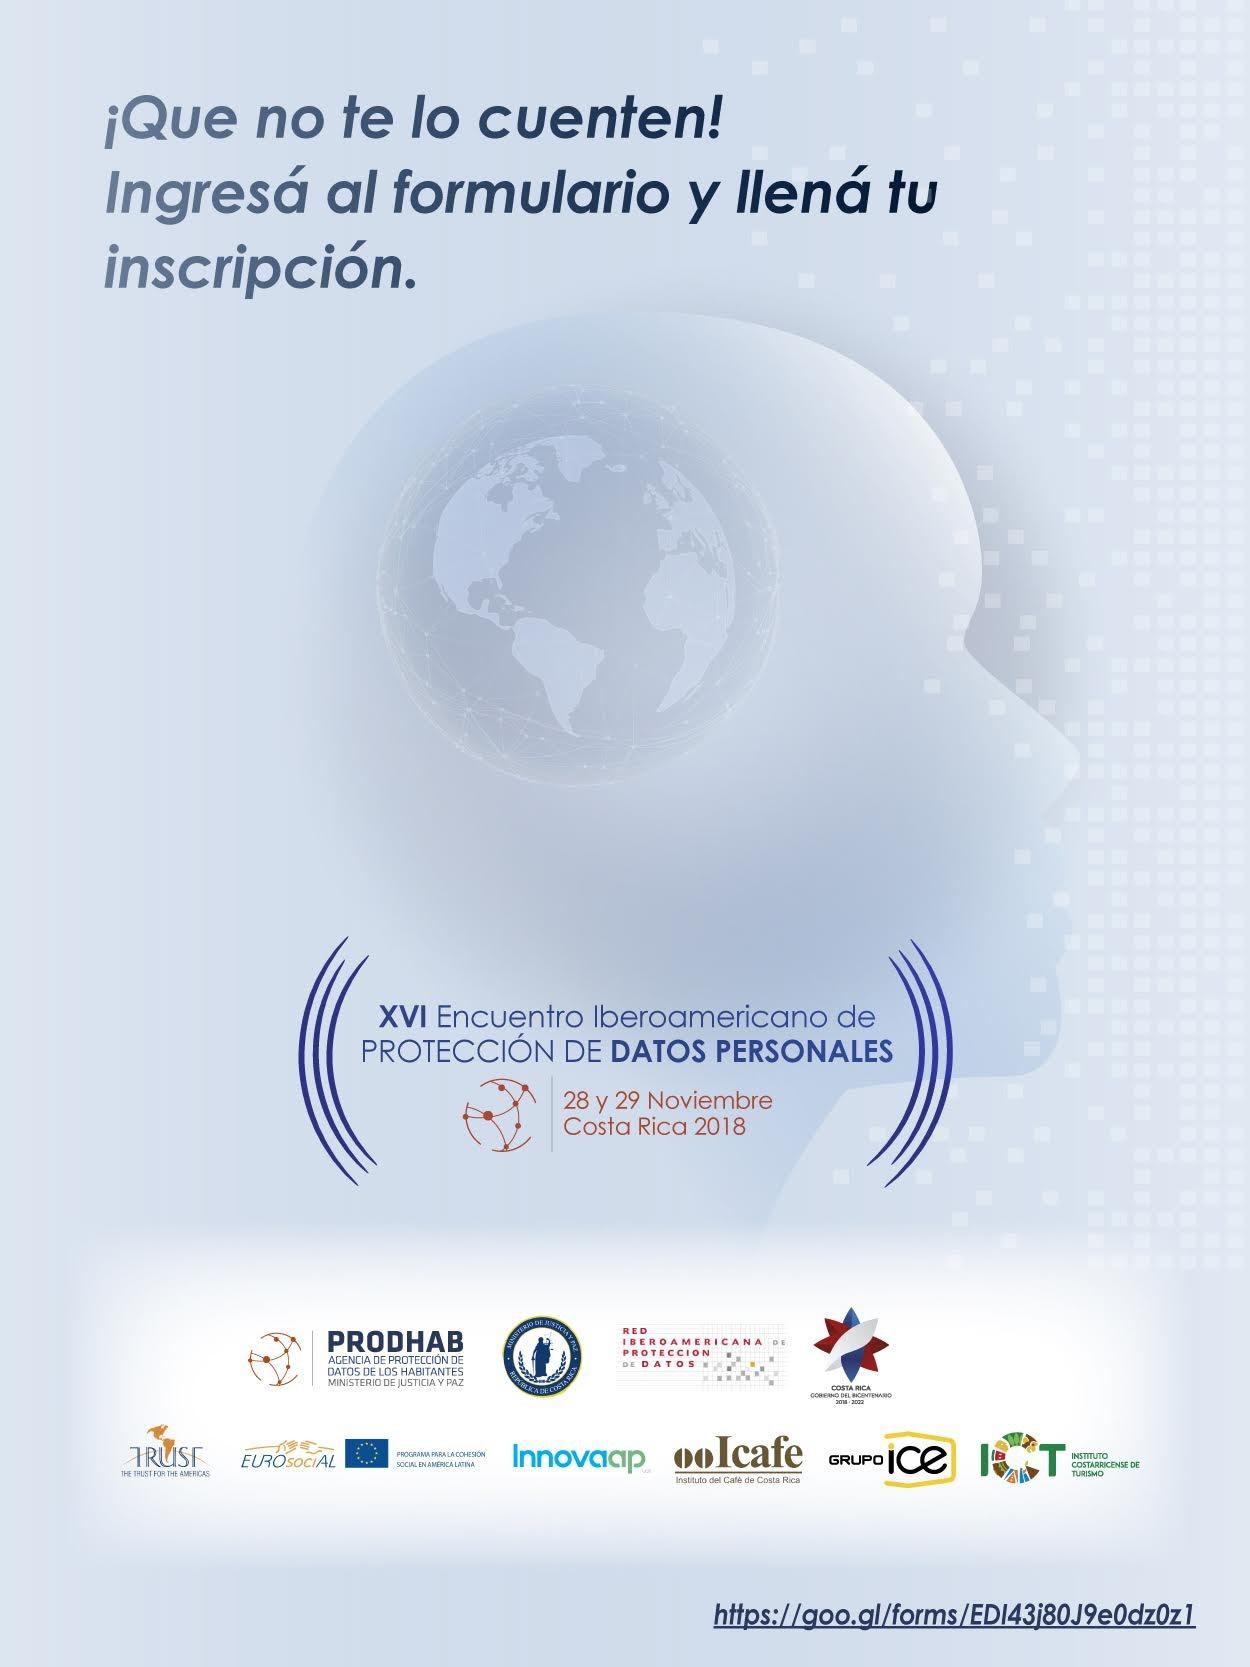 XVI Encuentro Iberoamericano de Protección de Datos Personales